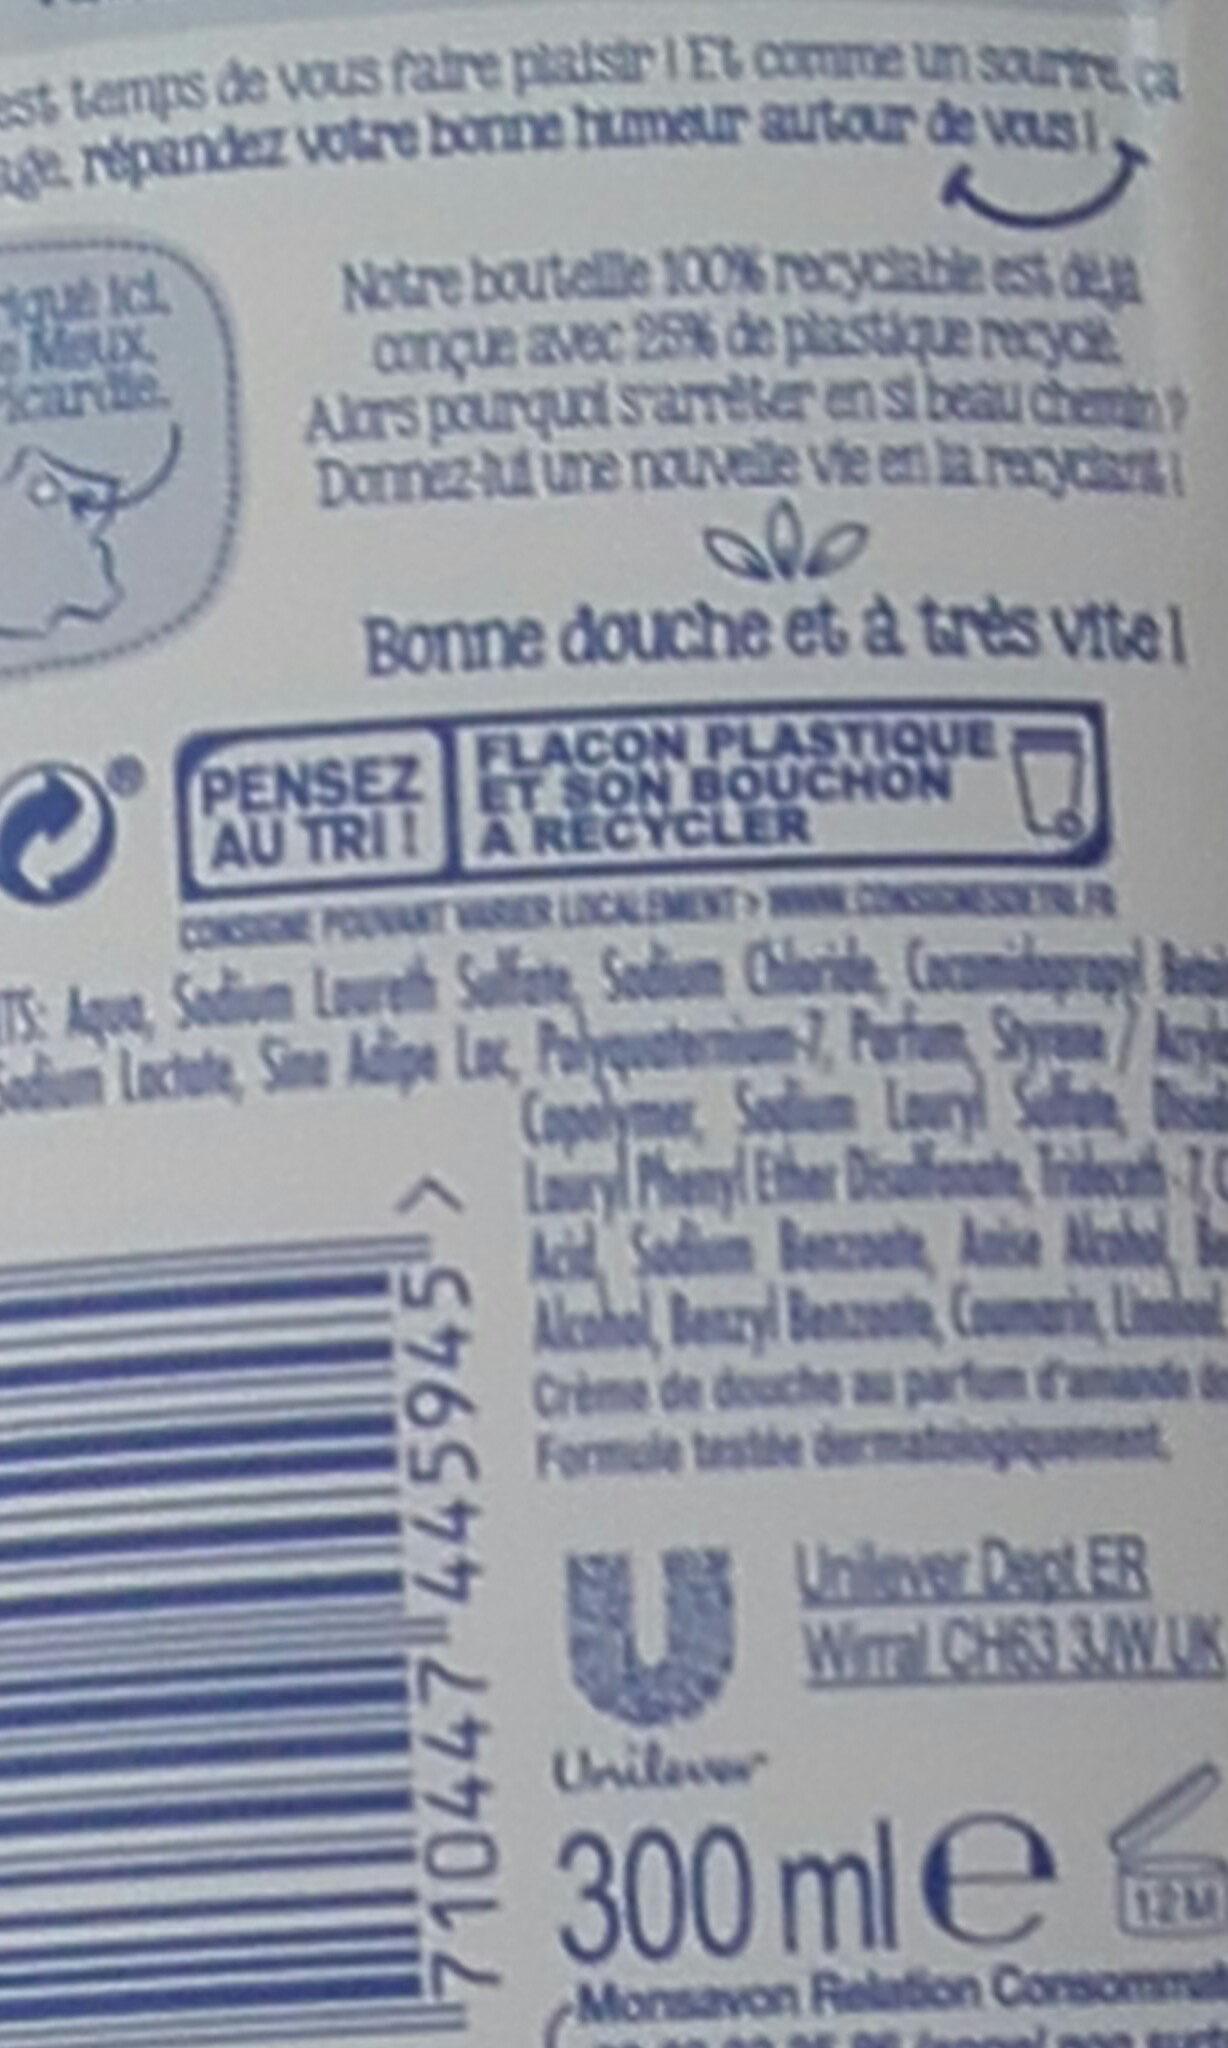 monsavon au lait - Ingrédients - fr